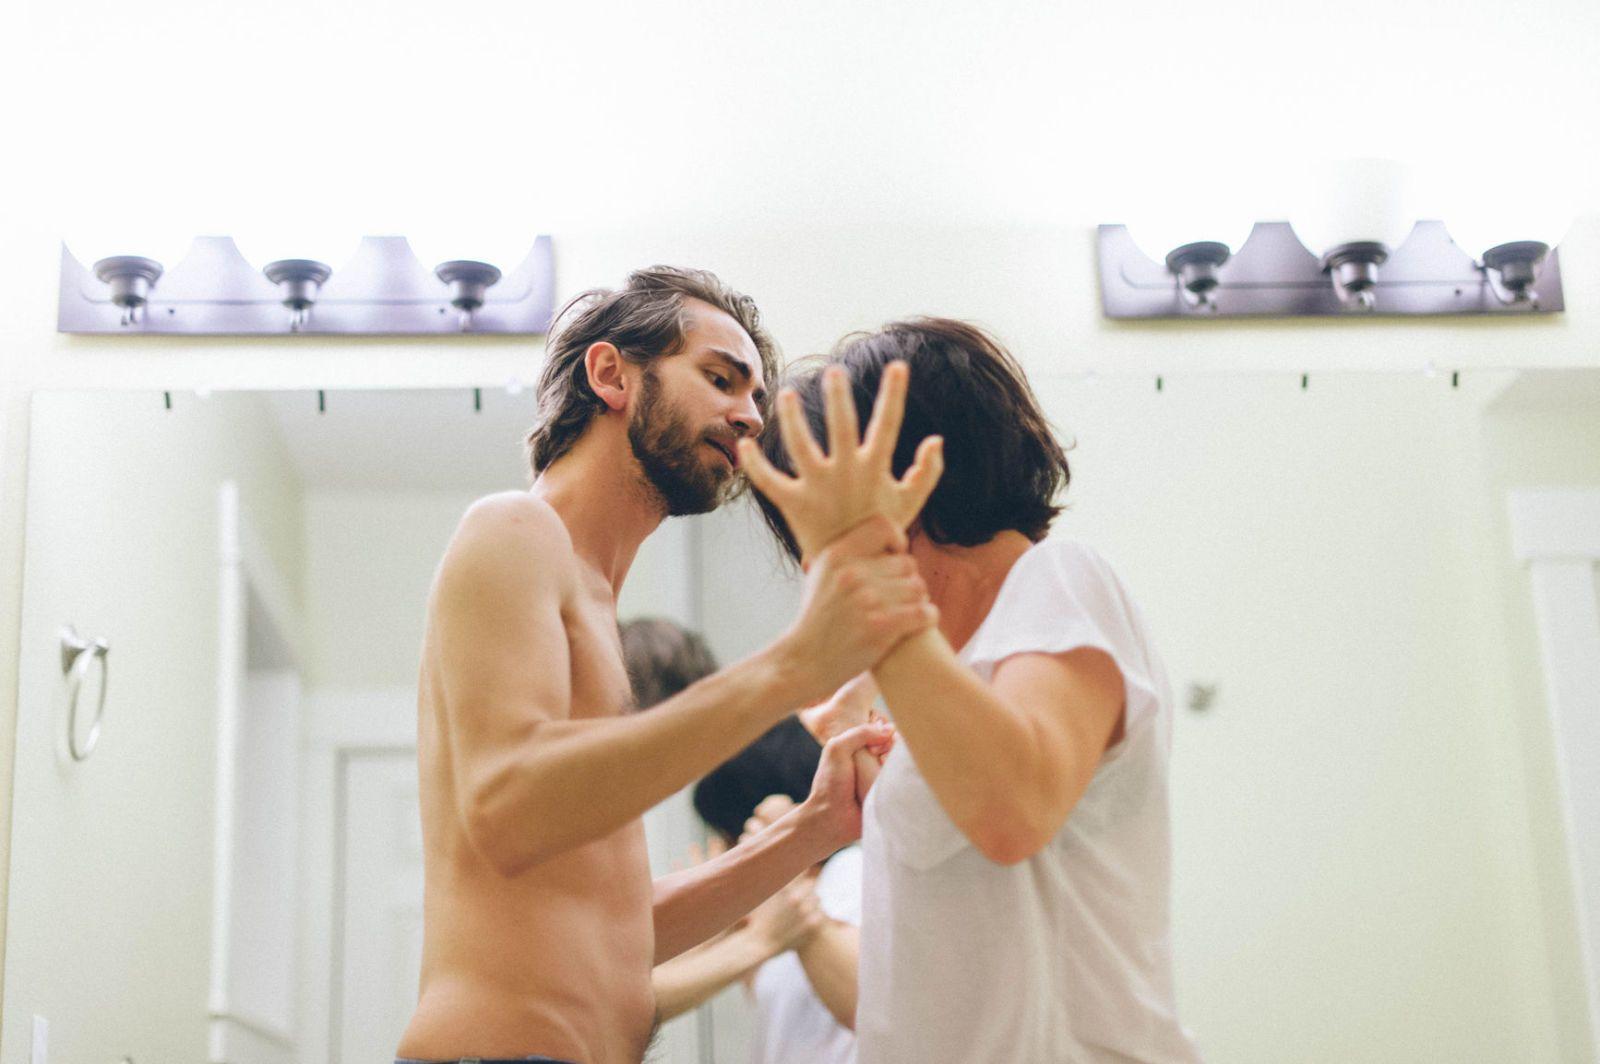 hotwife geschichten sex spielzeug für männer